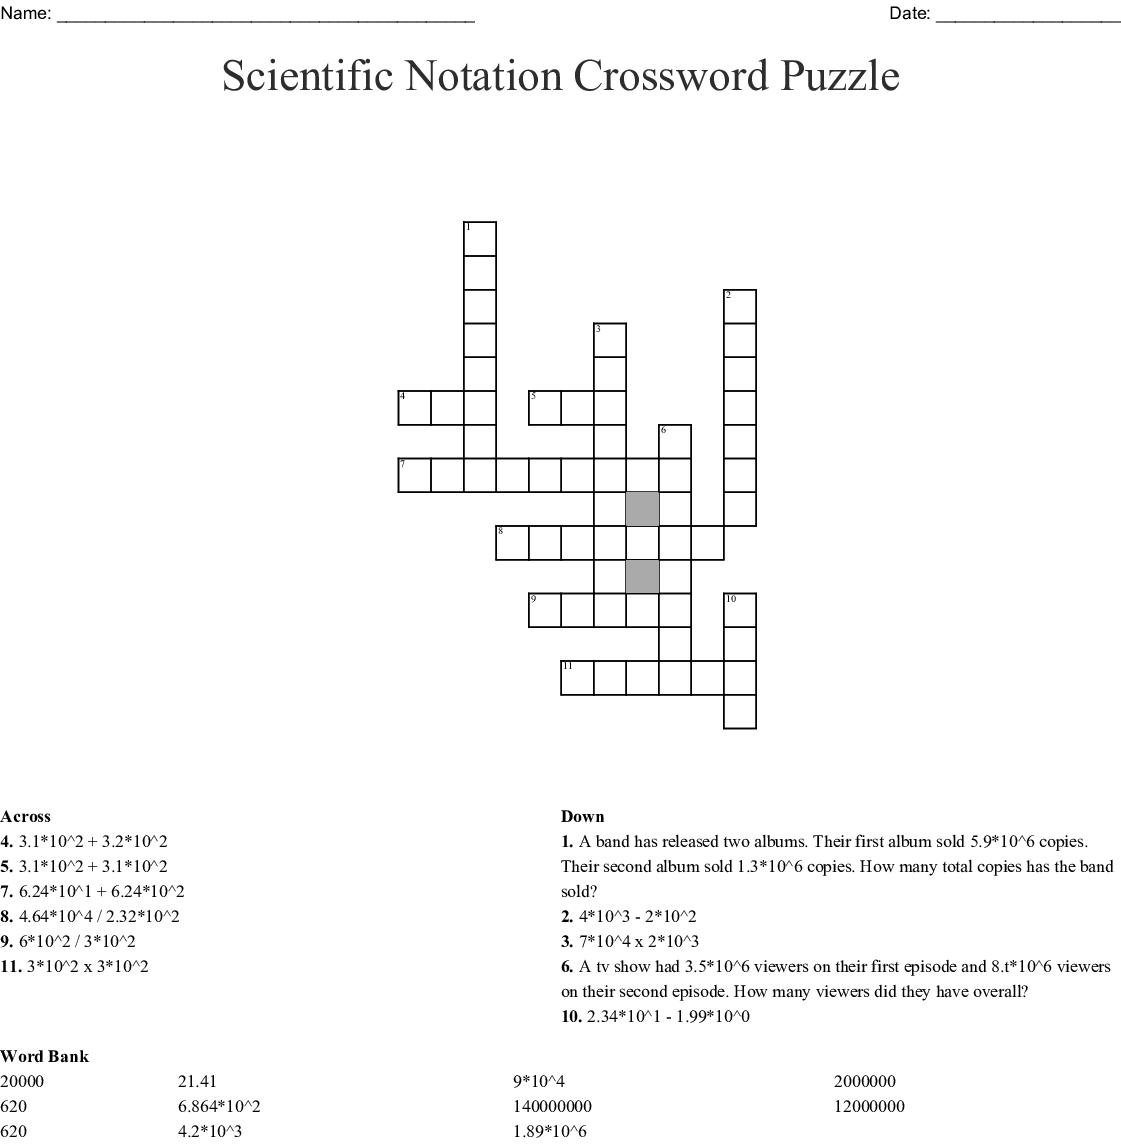 Scientific Notation Crossword Puzzle